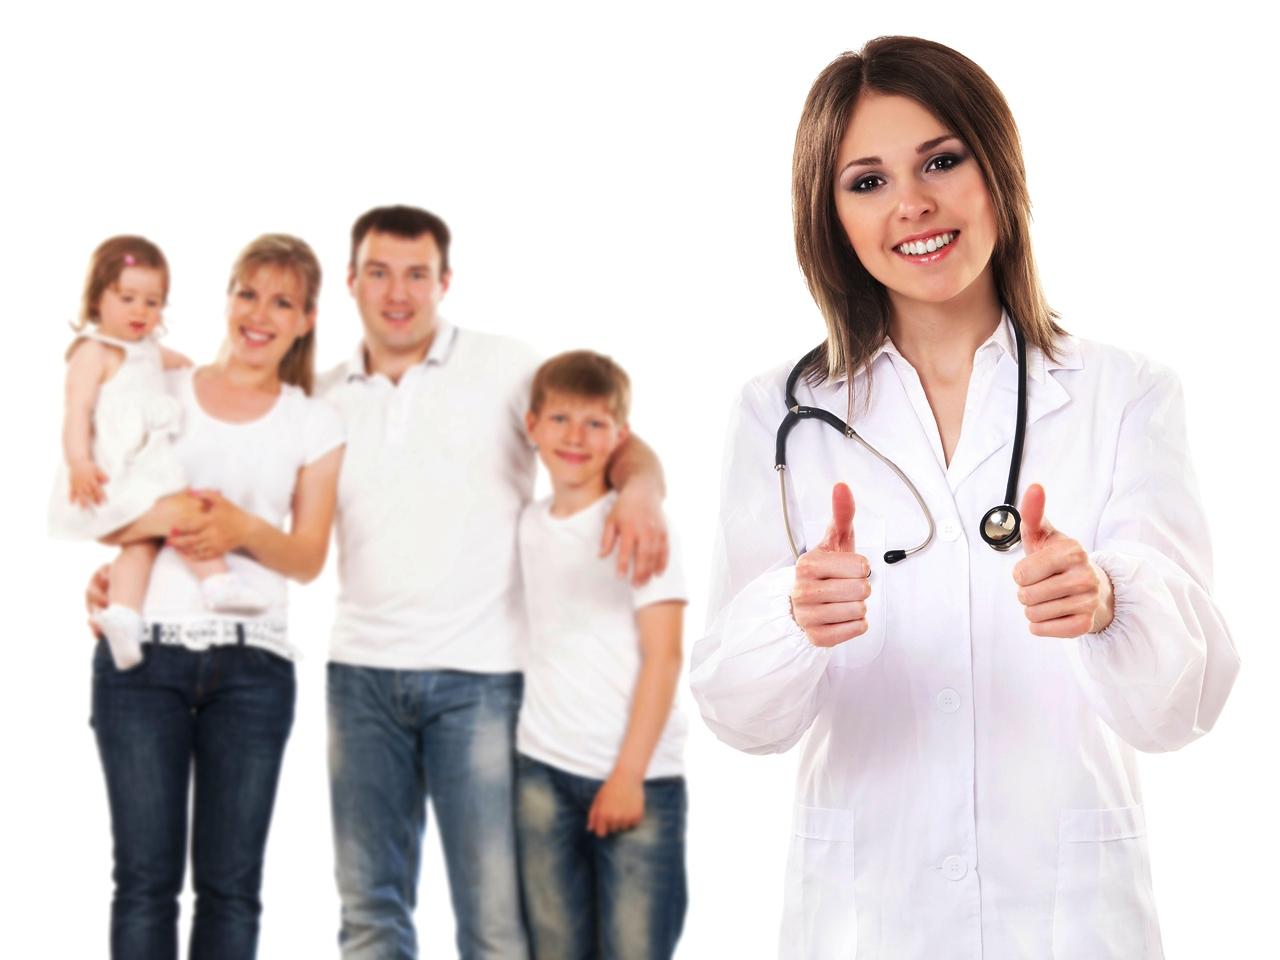 Постановка диагноза врачом невропатологом